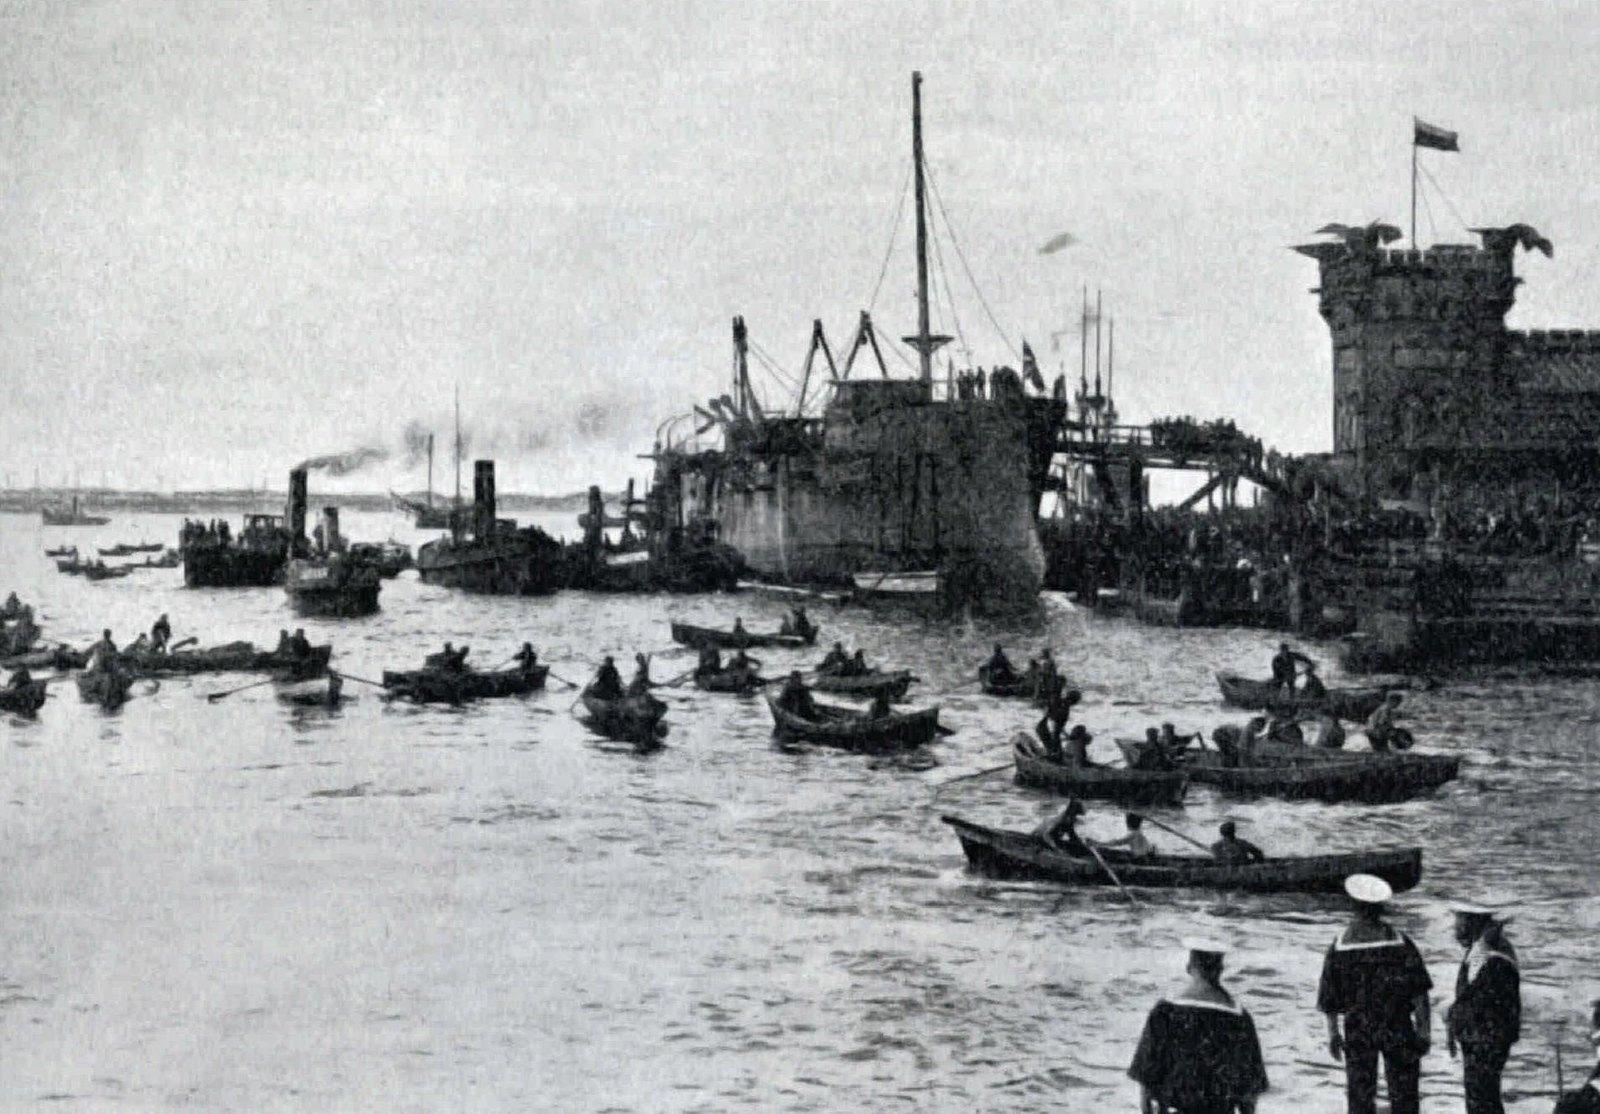 1906. Рабочие Балтийского завода собирают на воде сало для смазки, оставшиеся после спуска корпуса корабля